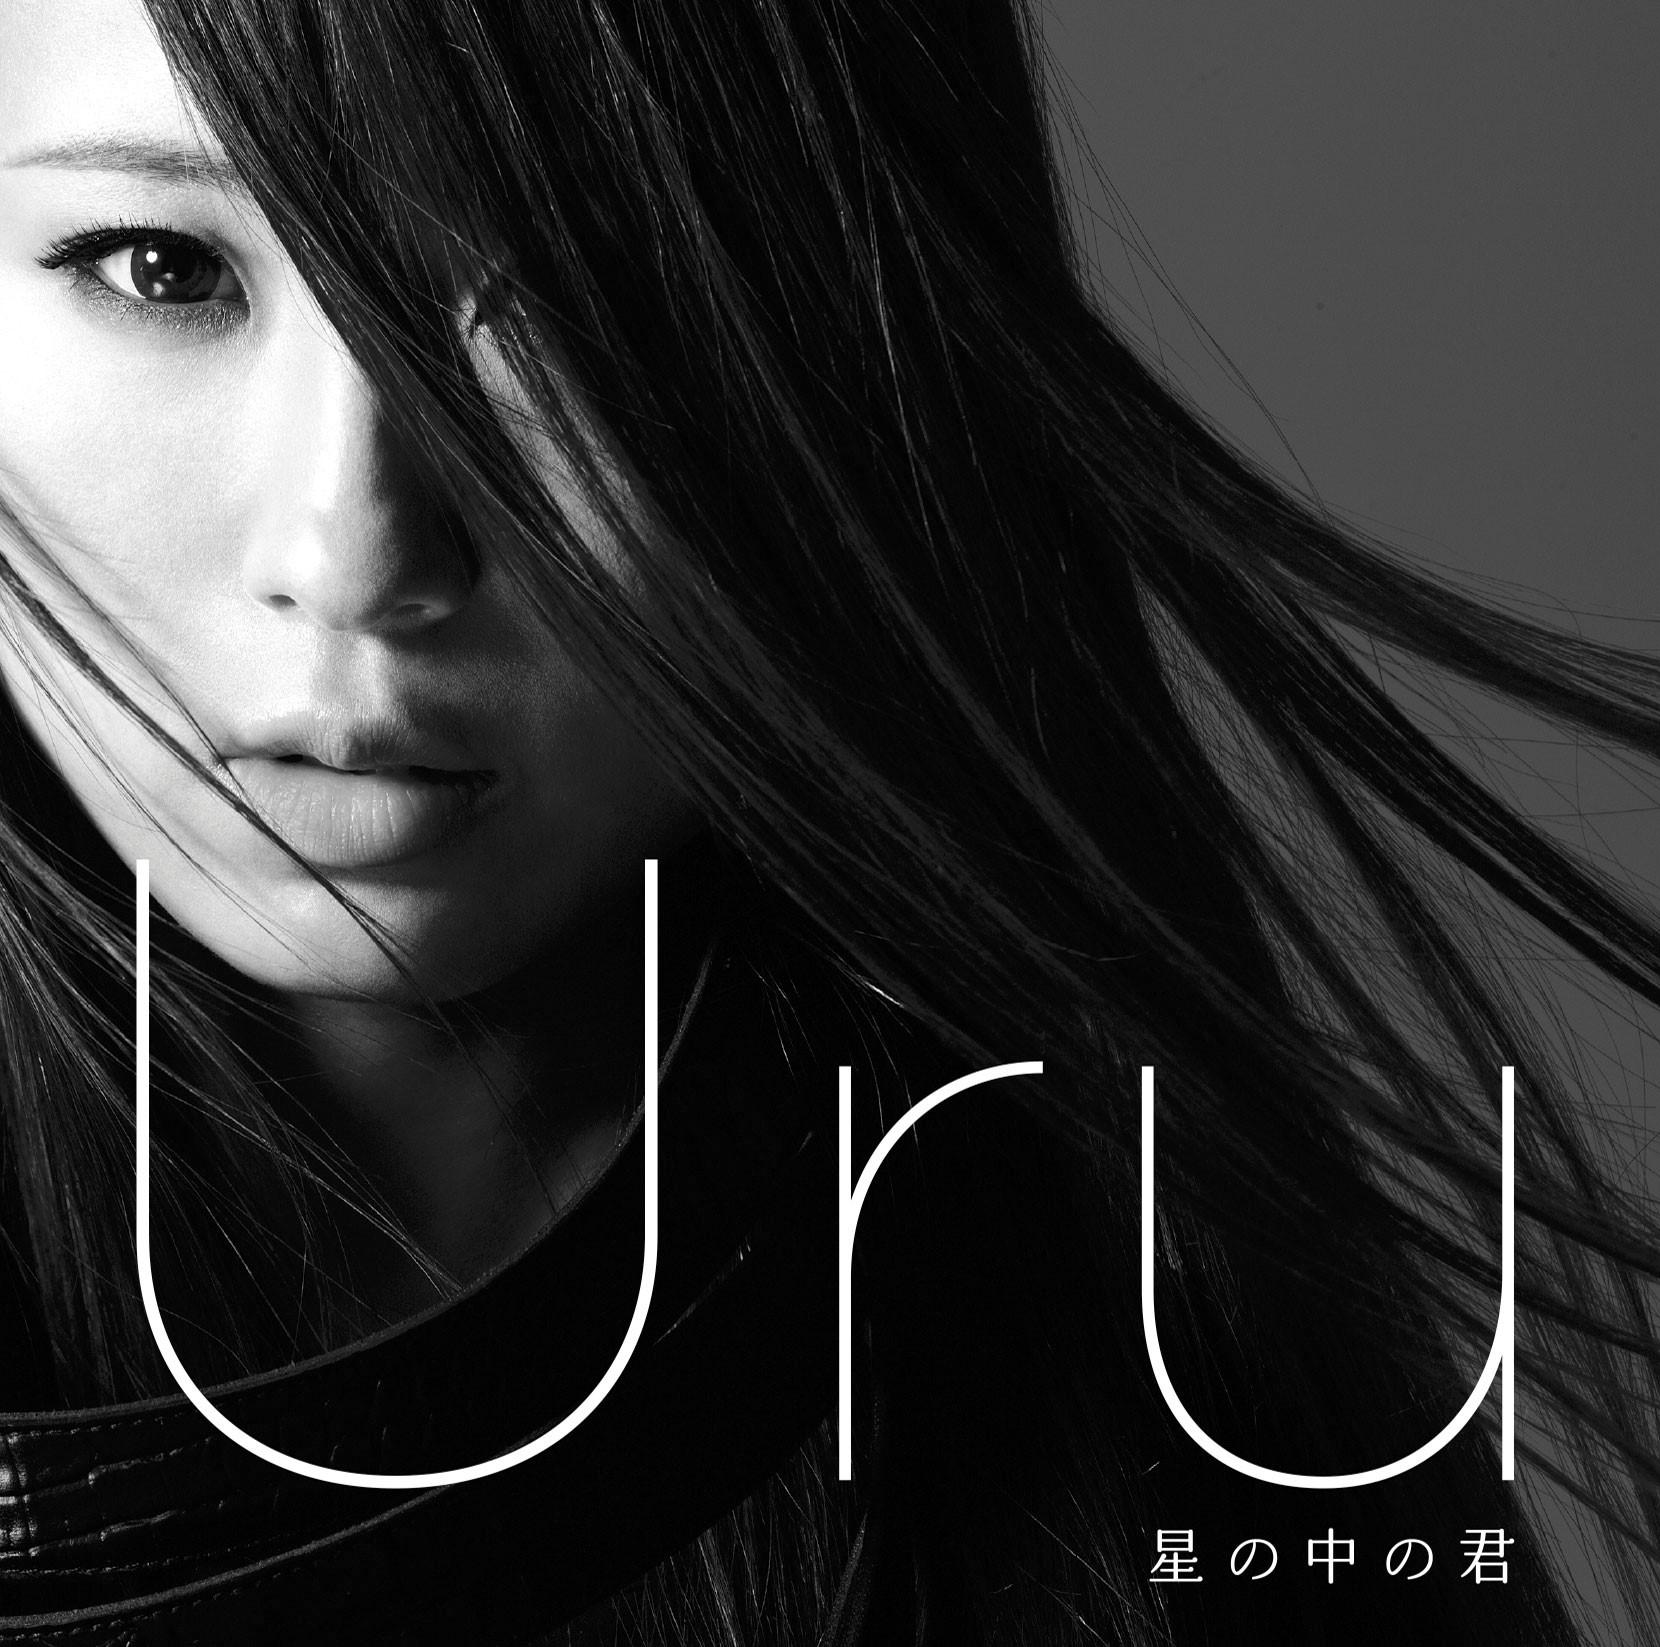 Uruの画像 p1_33